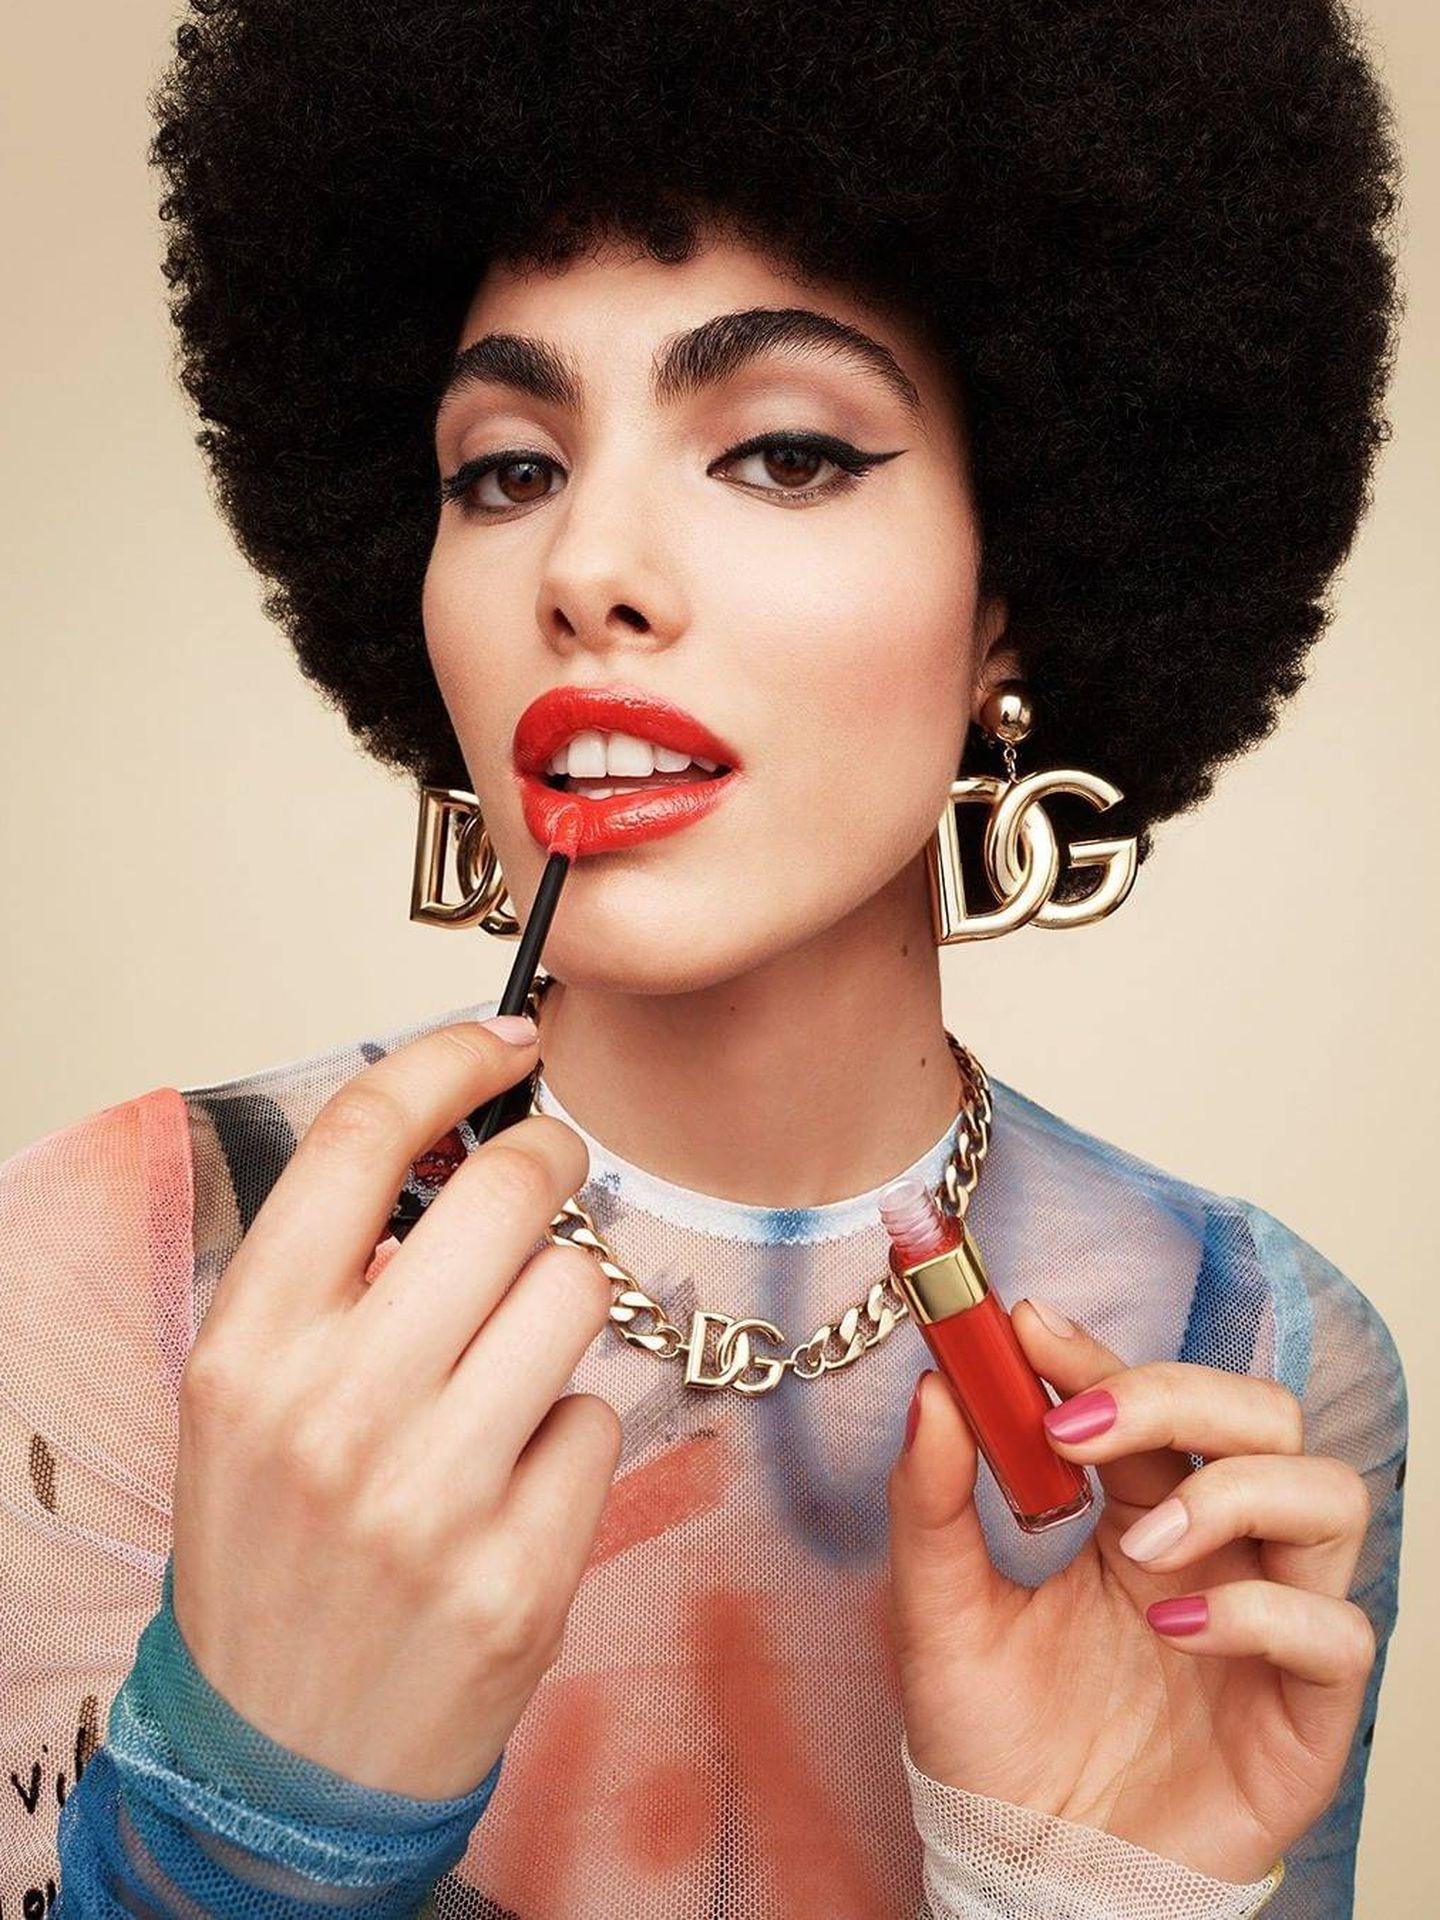 Uno de los nuevos labiales, intenso y anaranjado de Dolce Gabbana. (@dolcegabbana)